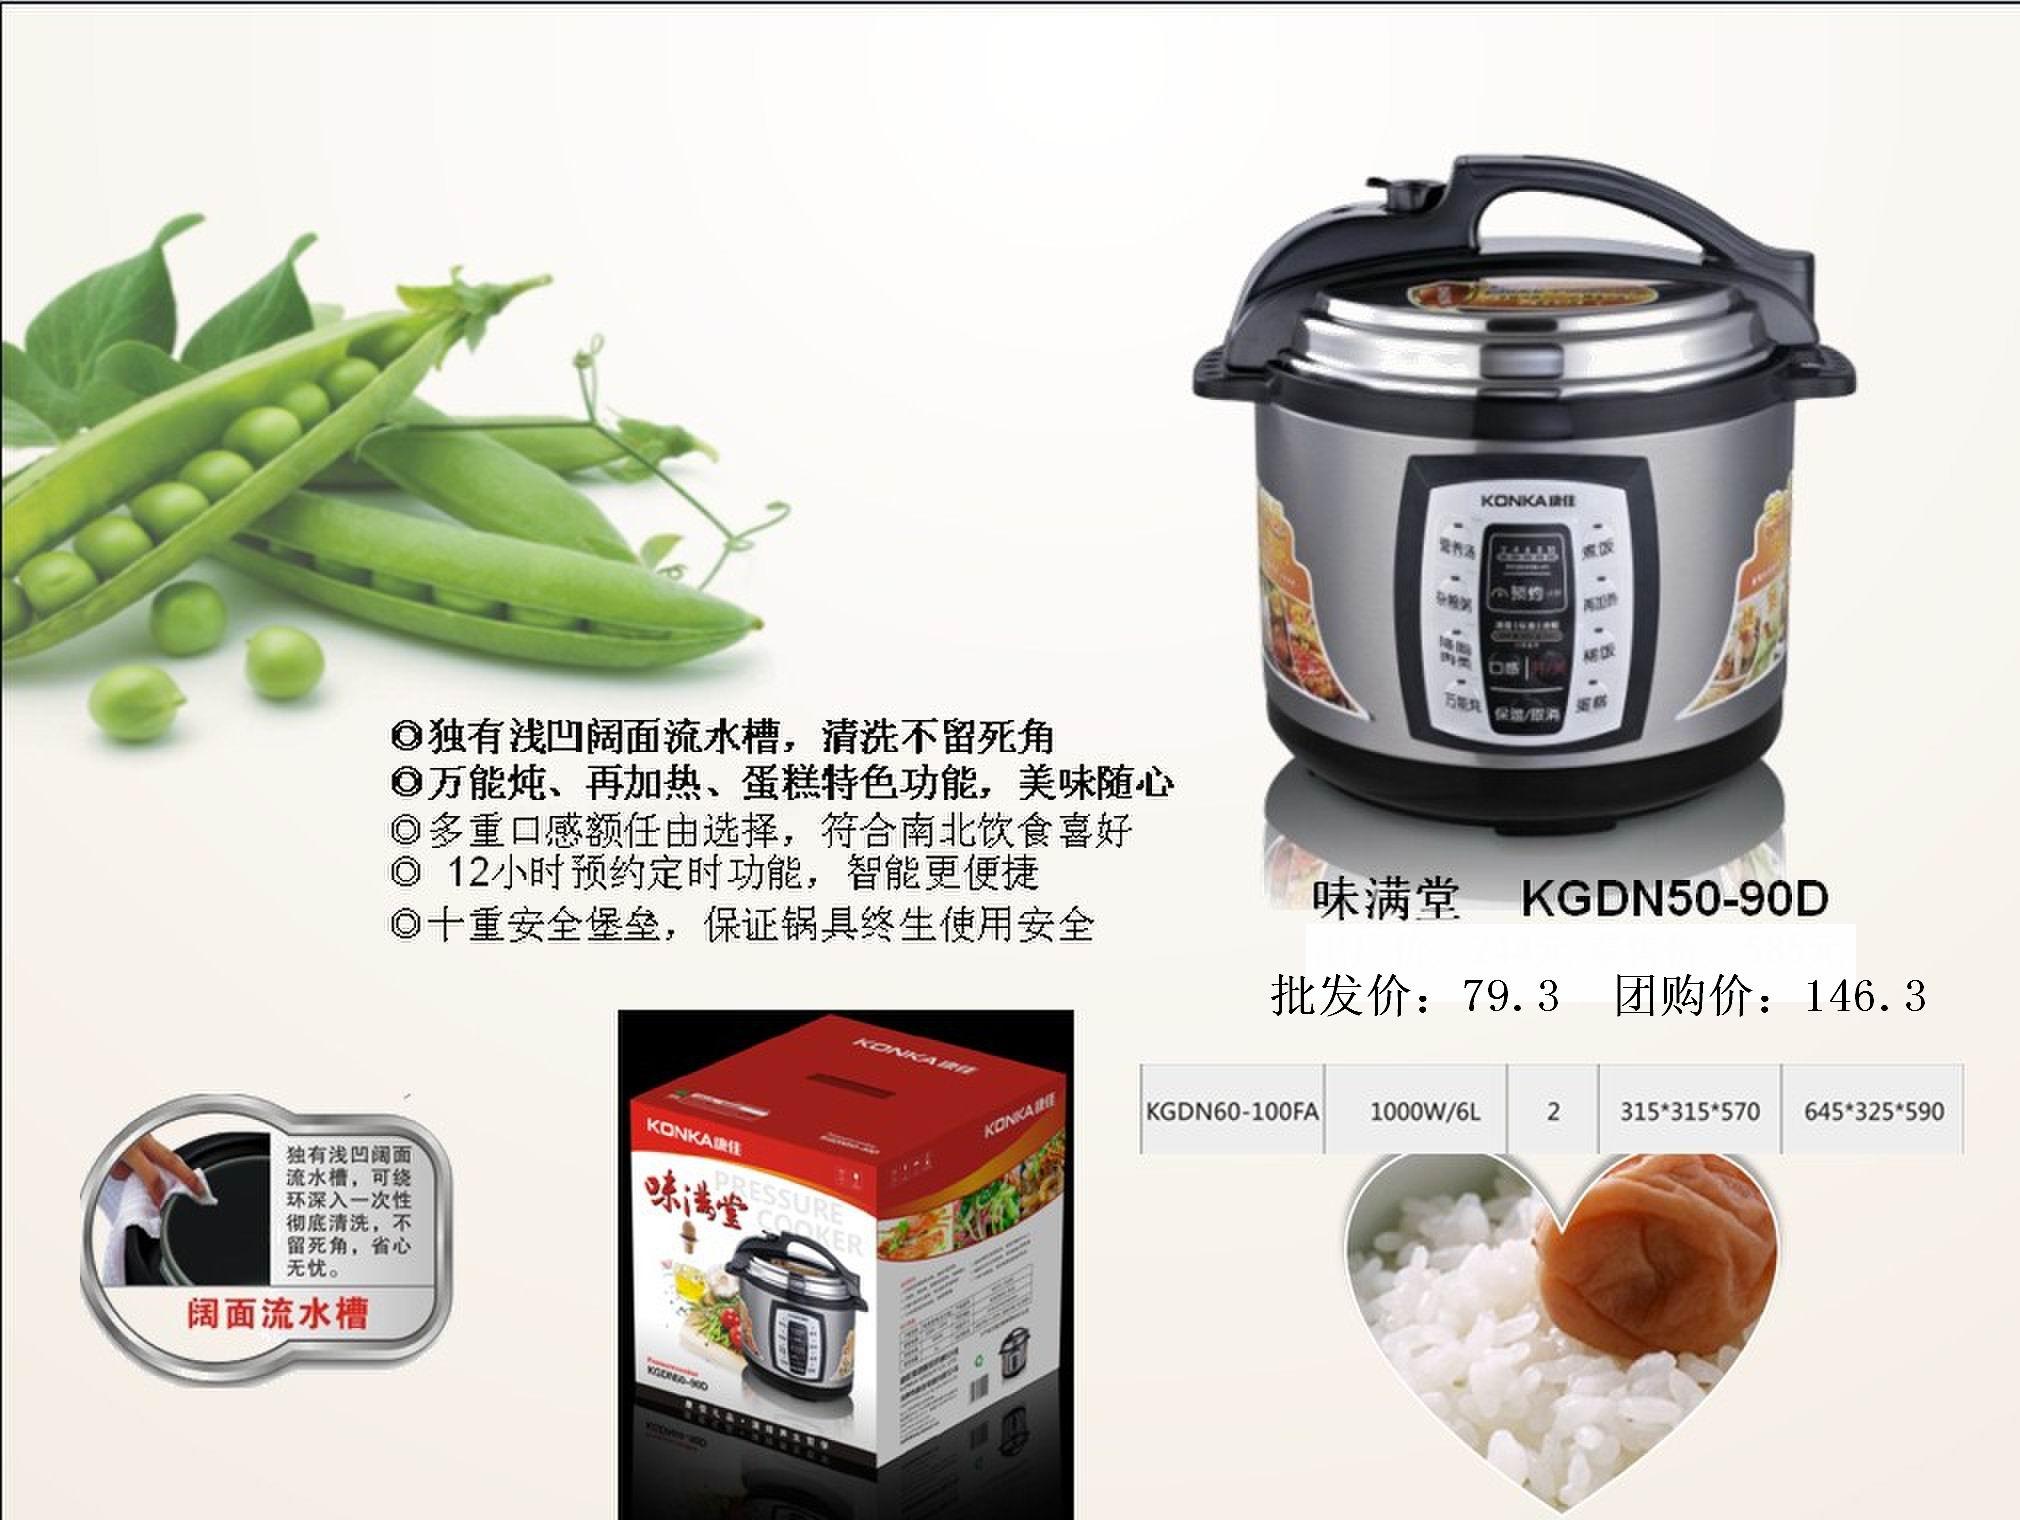 家用电器中国康佳电压力锅